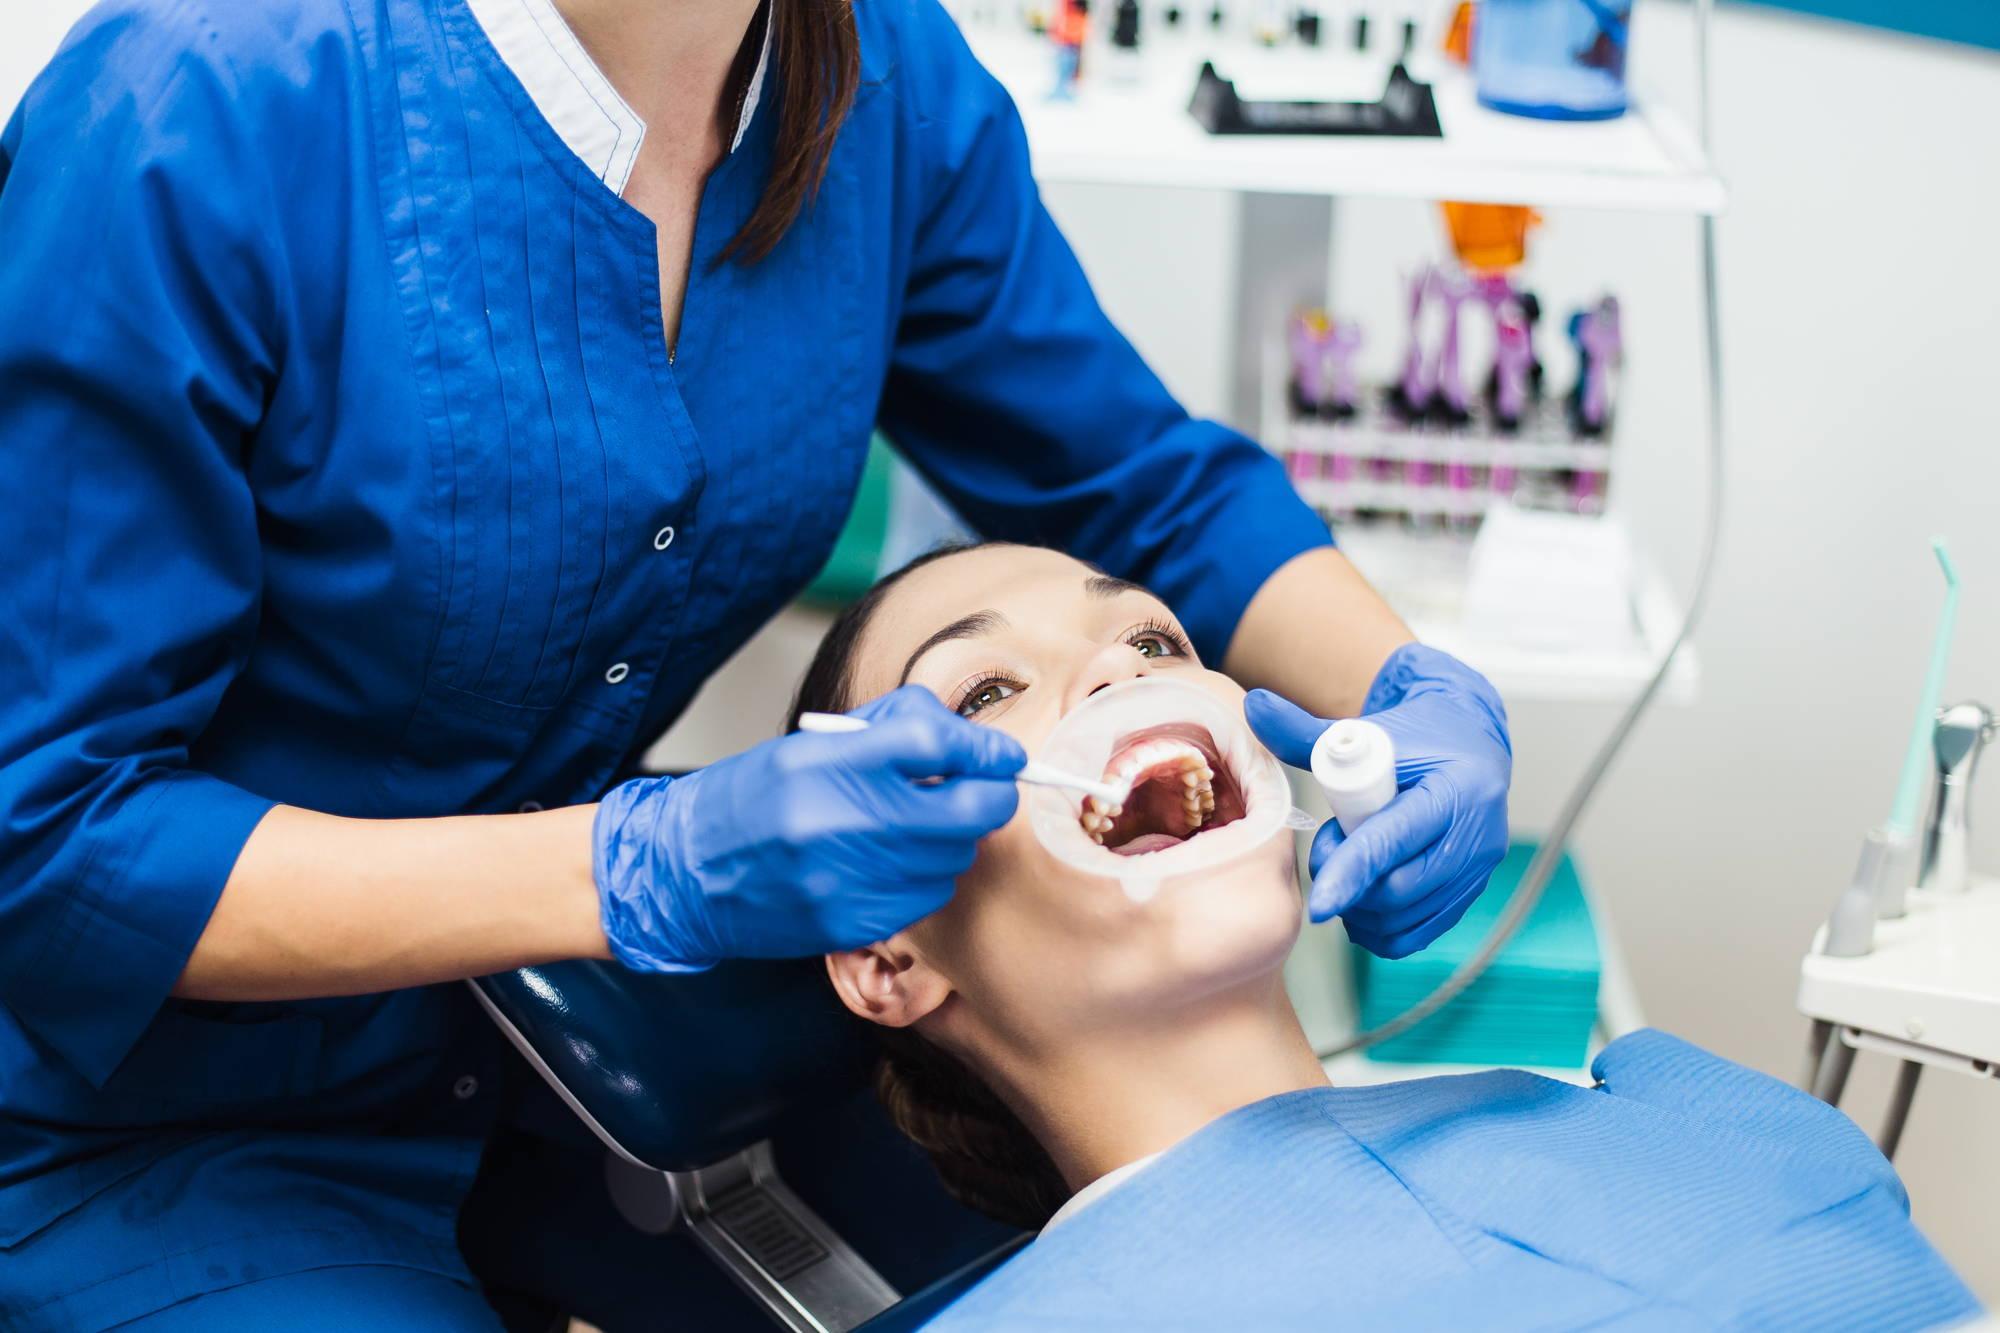 Znieczulenie u dentysty - rodzaje i zastosowania znieczuleń w gabinecie stomatologicznym